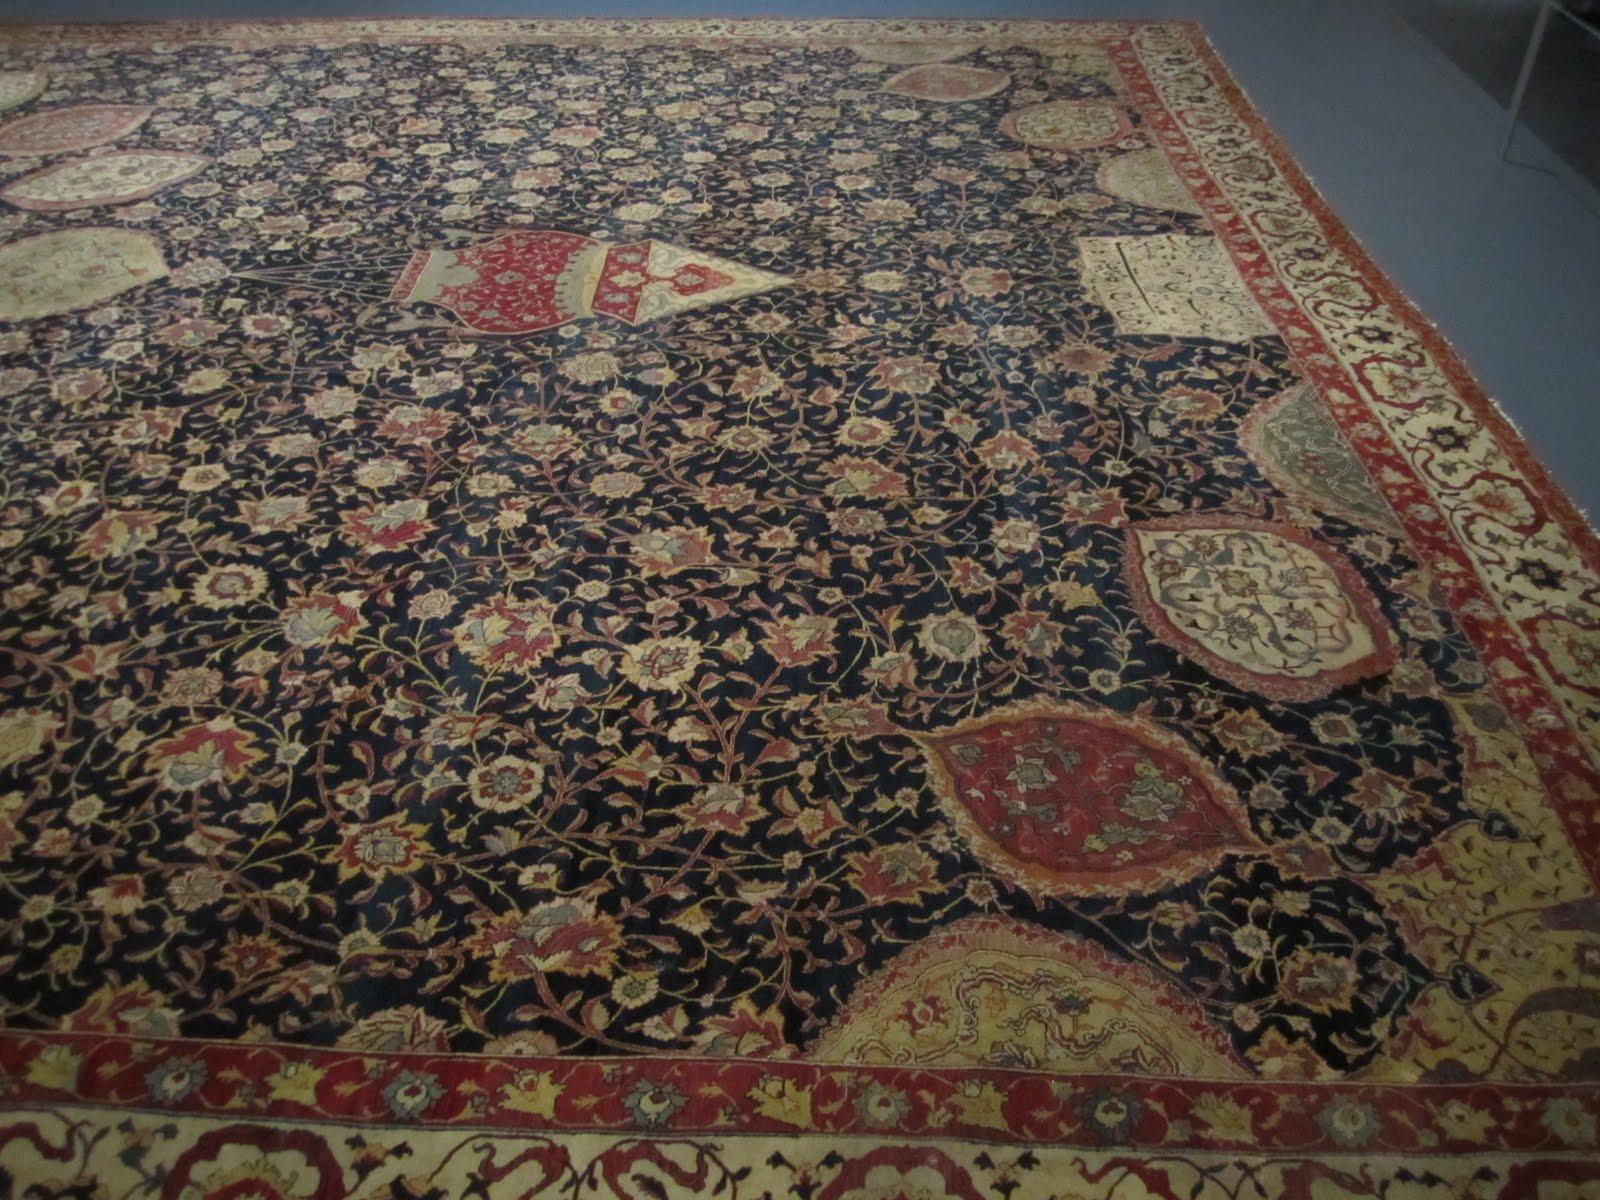 Ardabil Carpet: August 2011